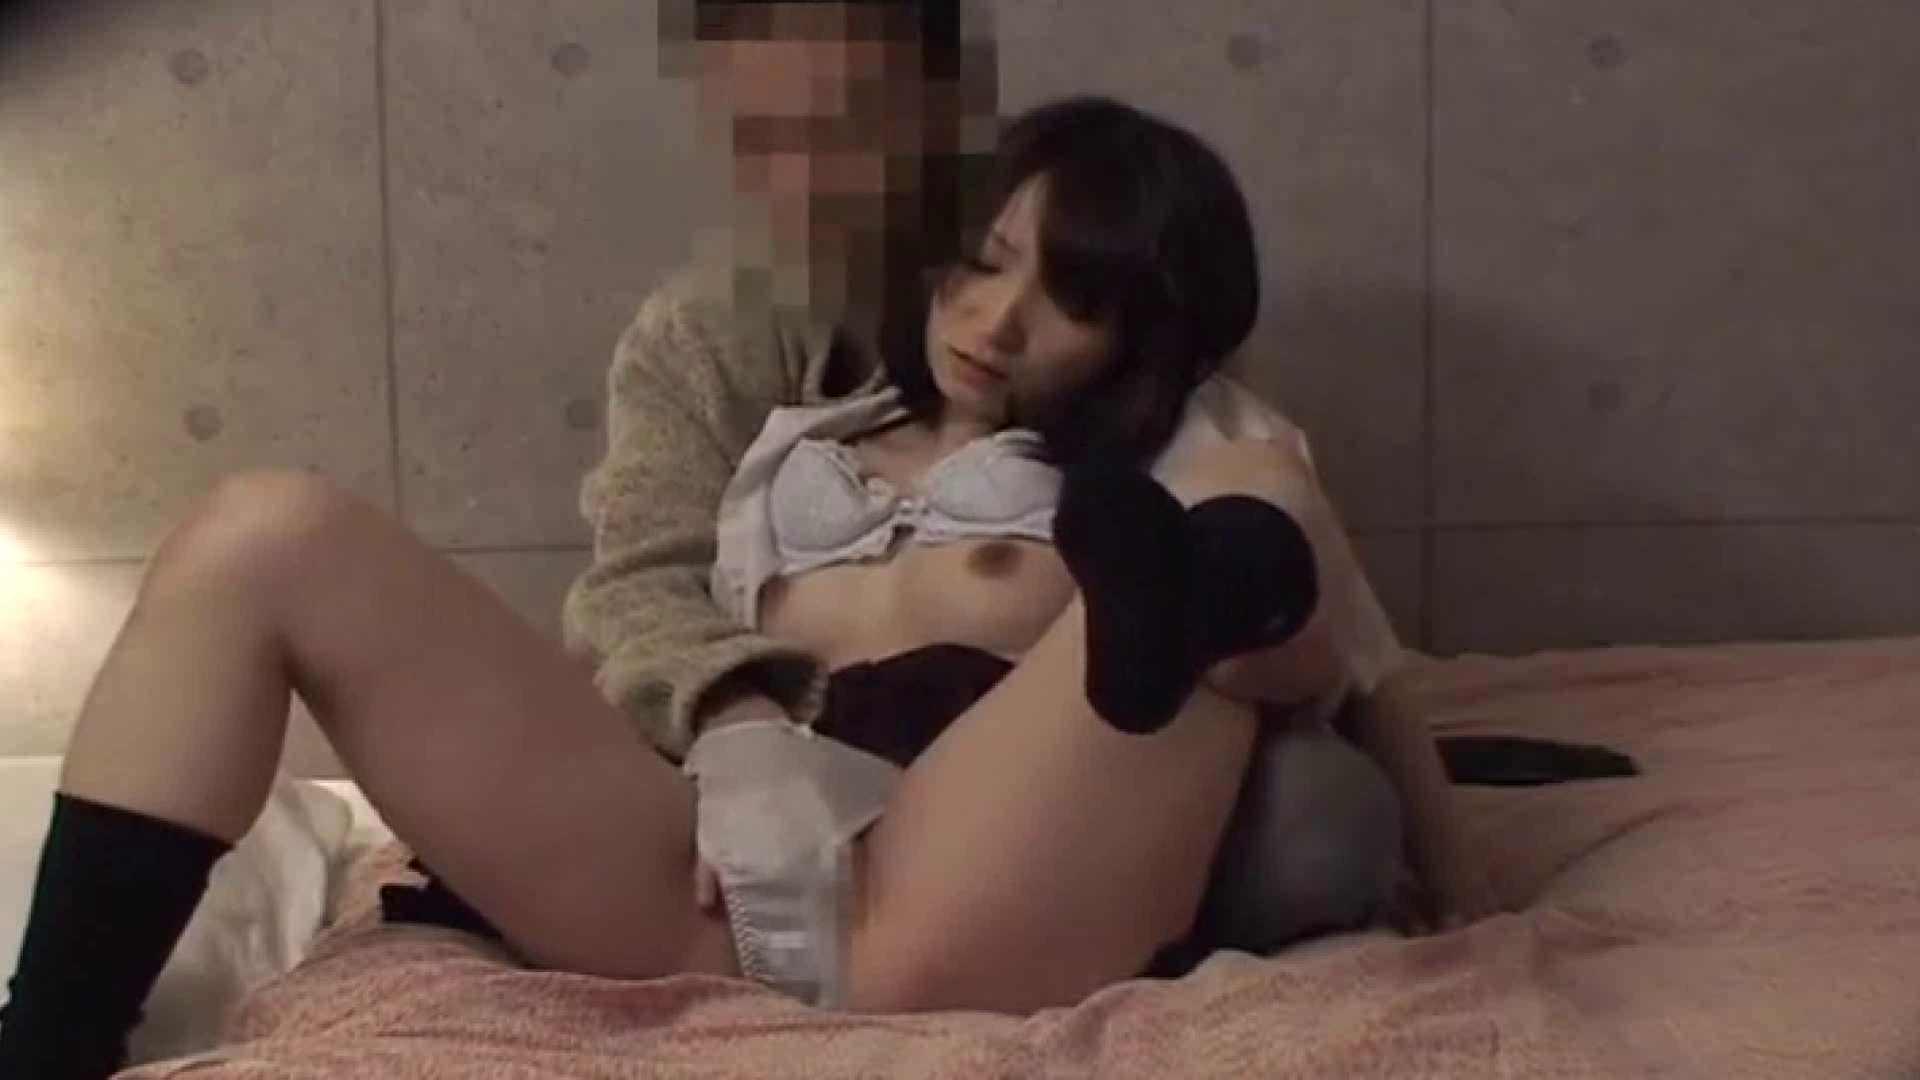 まだイッた経験のない乙女たち Vol.17 パンツ おめこ無修正動画無料 81pic 22